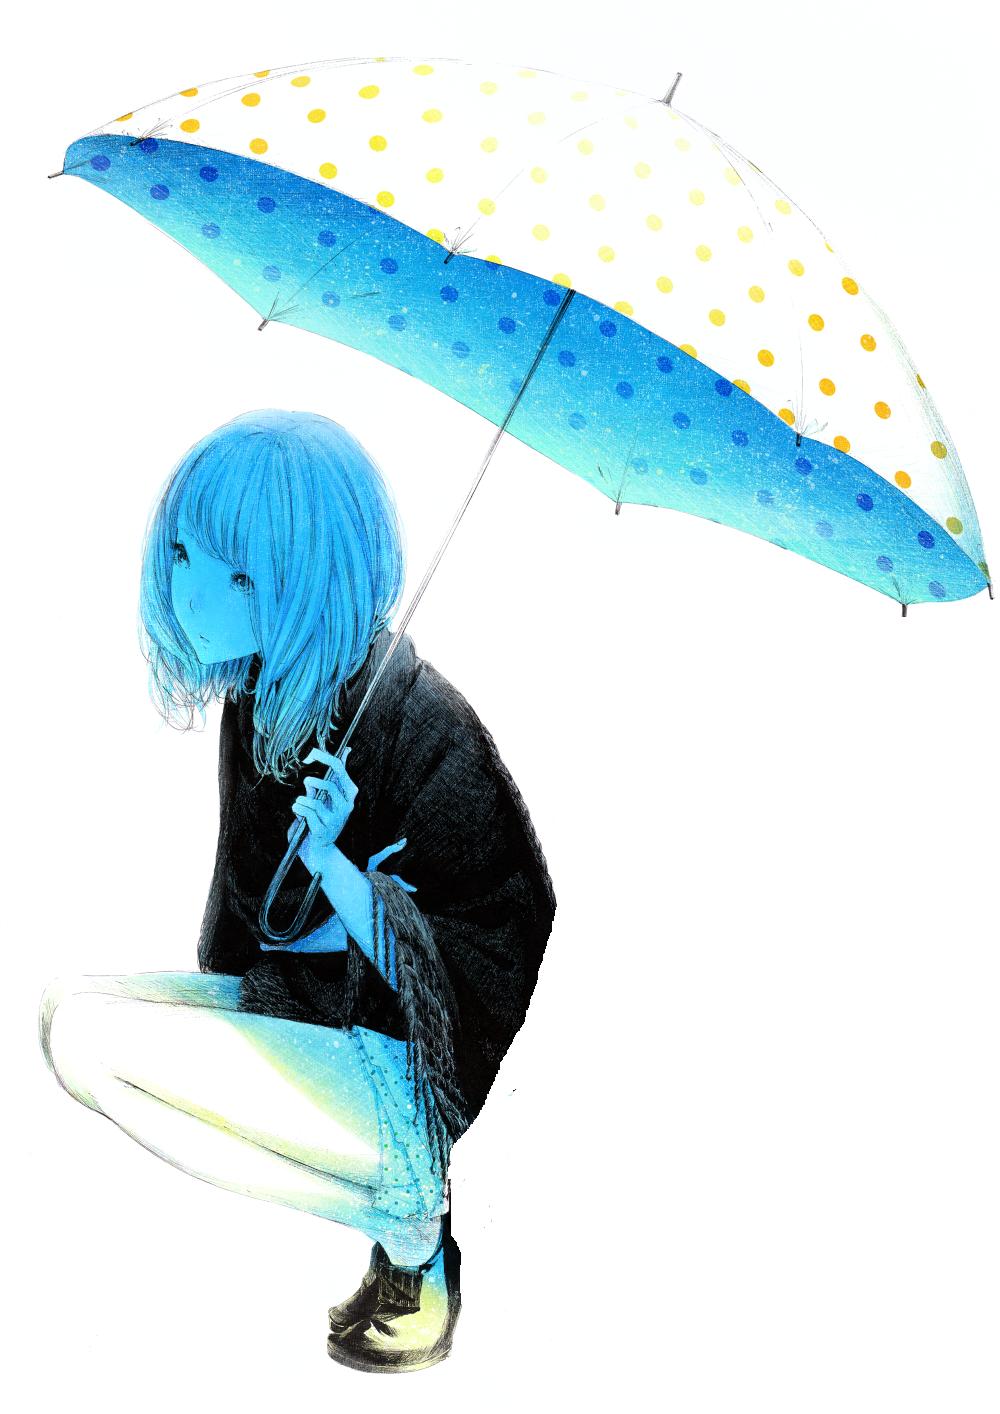 Il pleut pas bb < 33